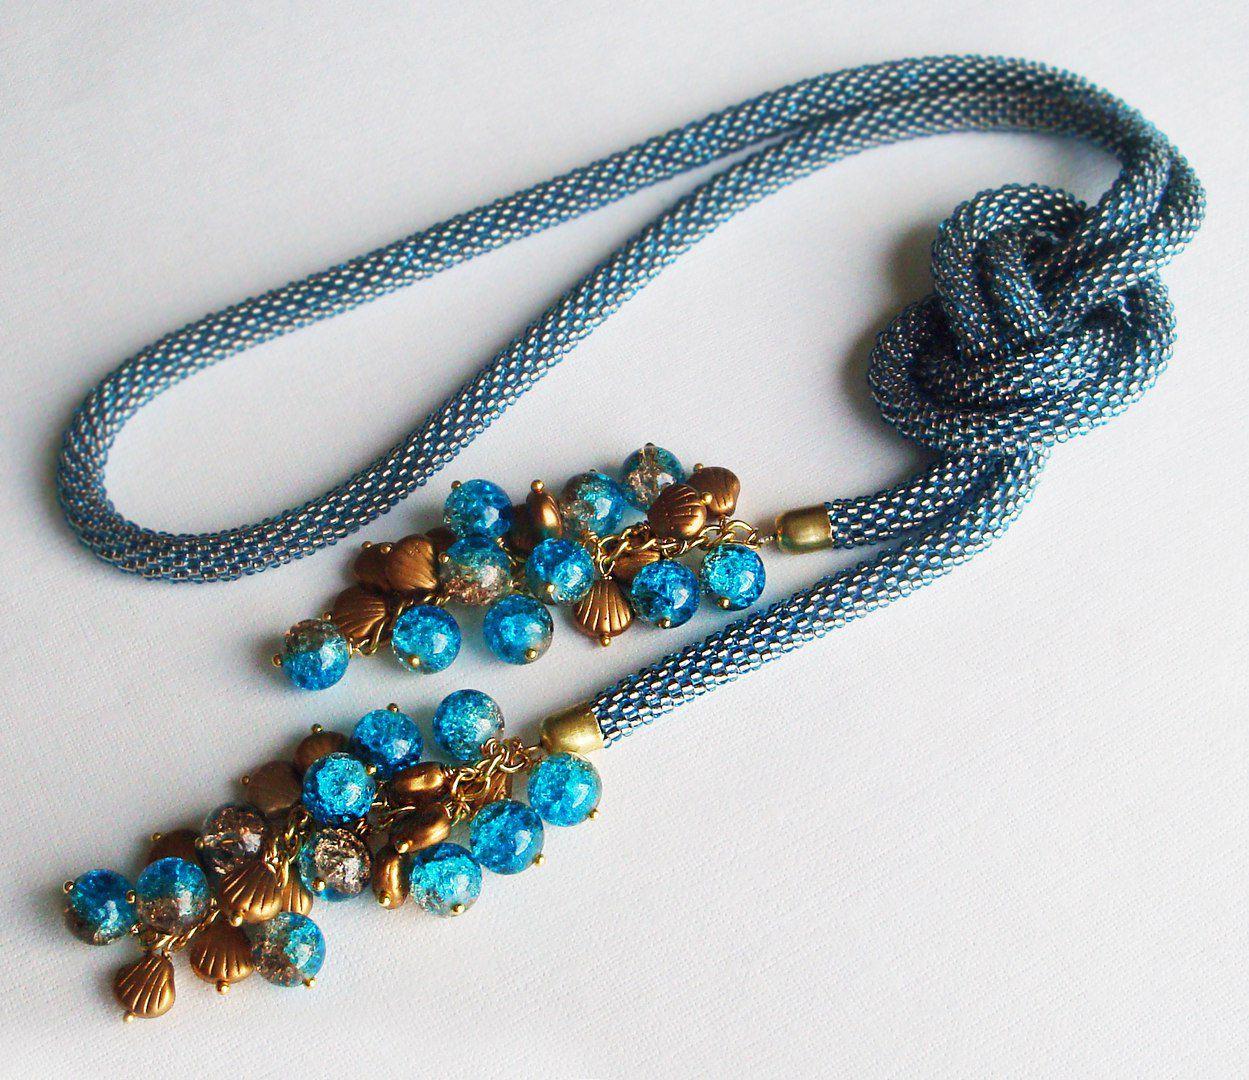 бисерный шнур вязаный бисер украшение шею лариат длинный трансформер